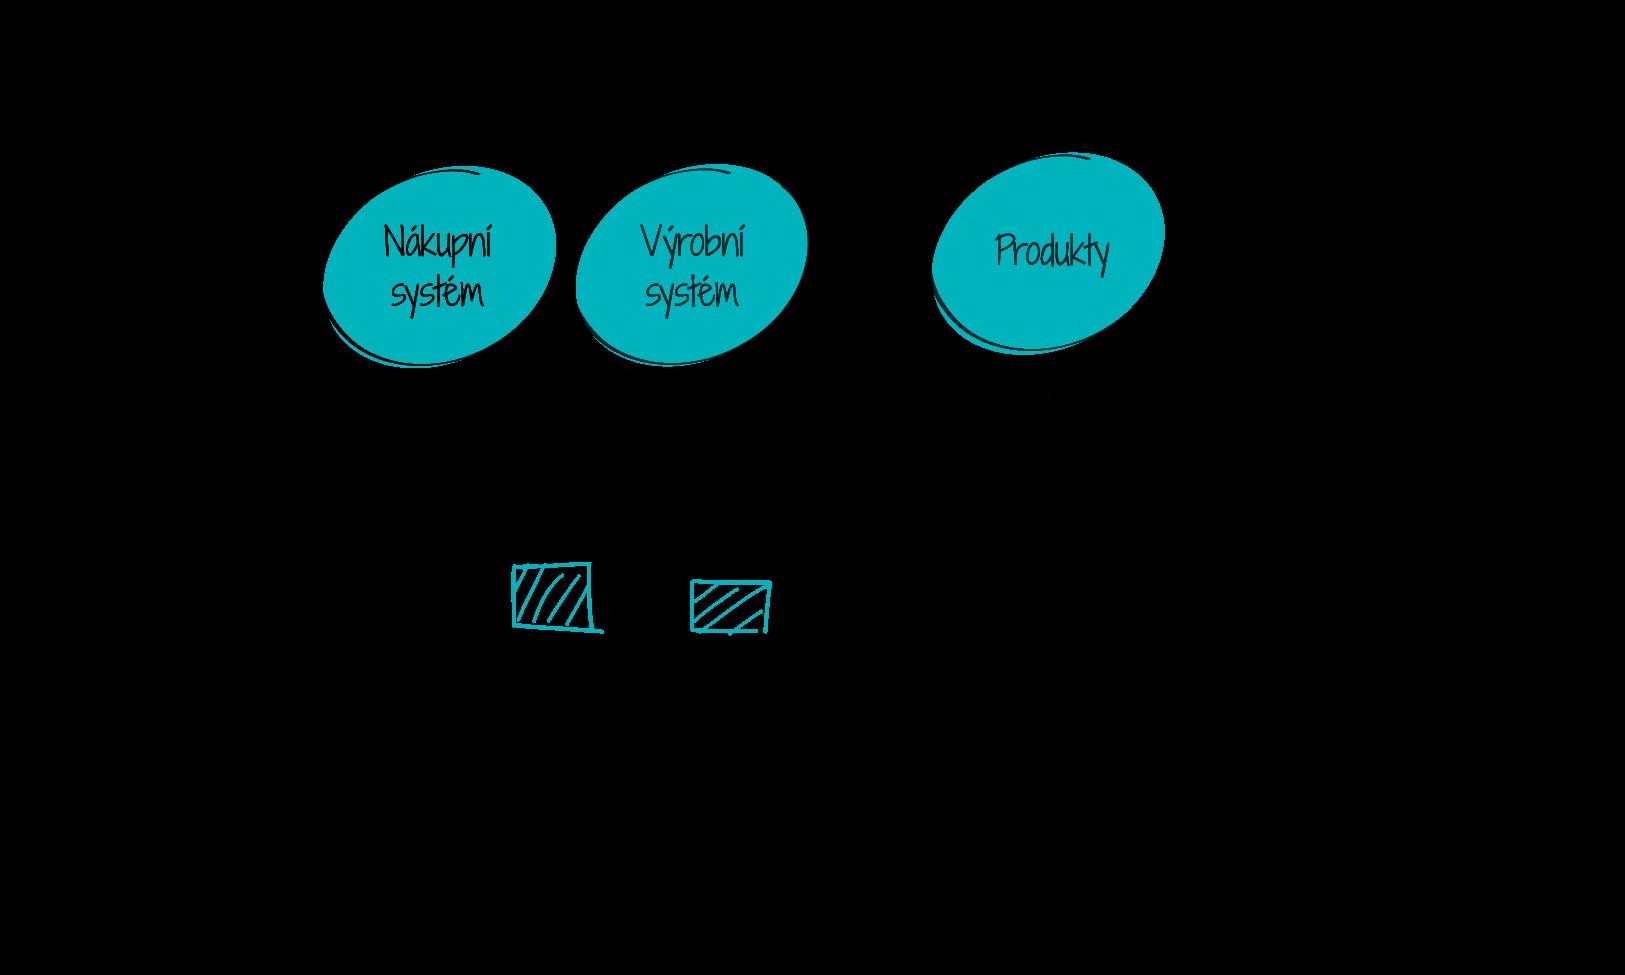 Life systémy a Life produkty v rámci hodnotového řetězce produktu.